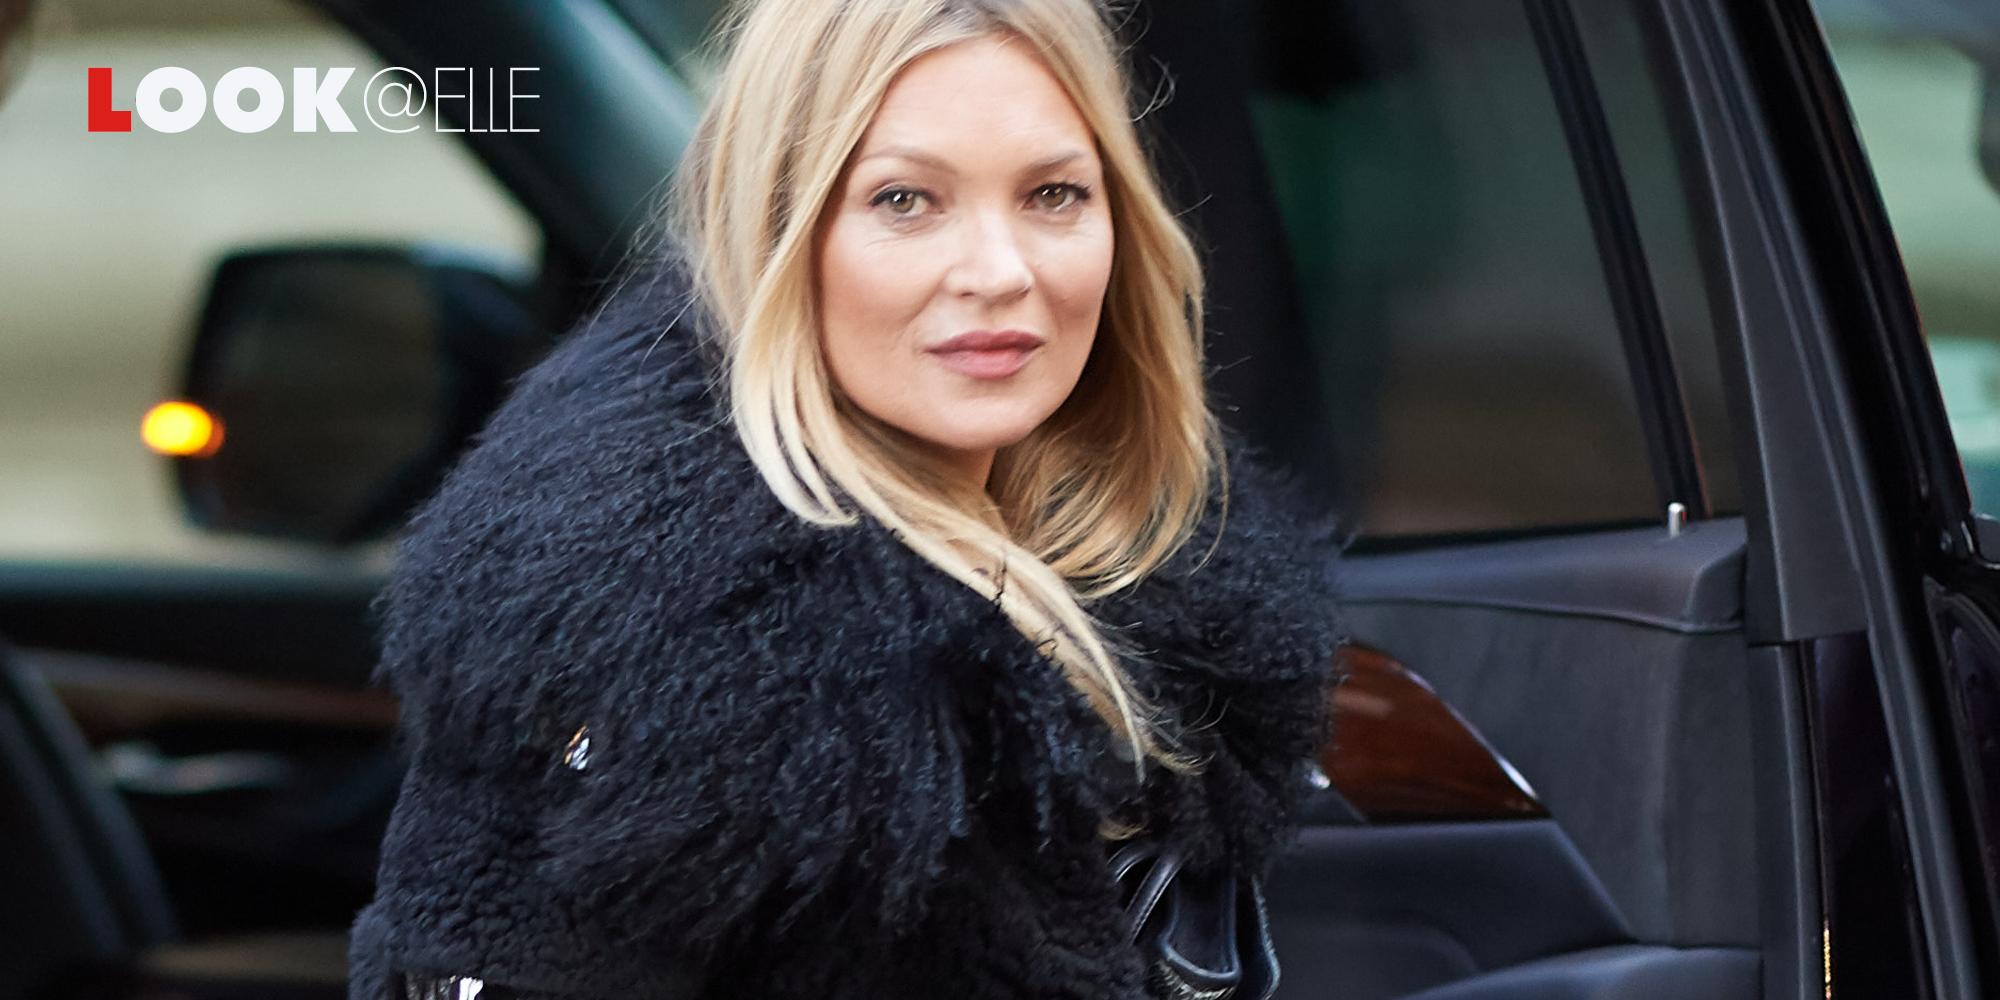 Stivali alti moda 2019 Kate Moss